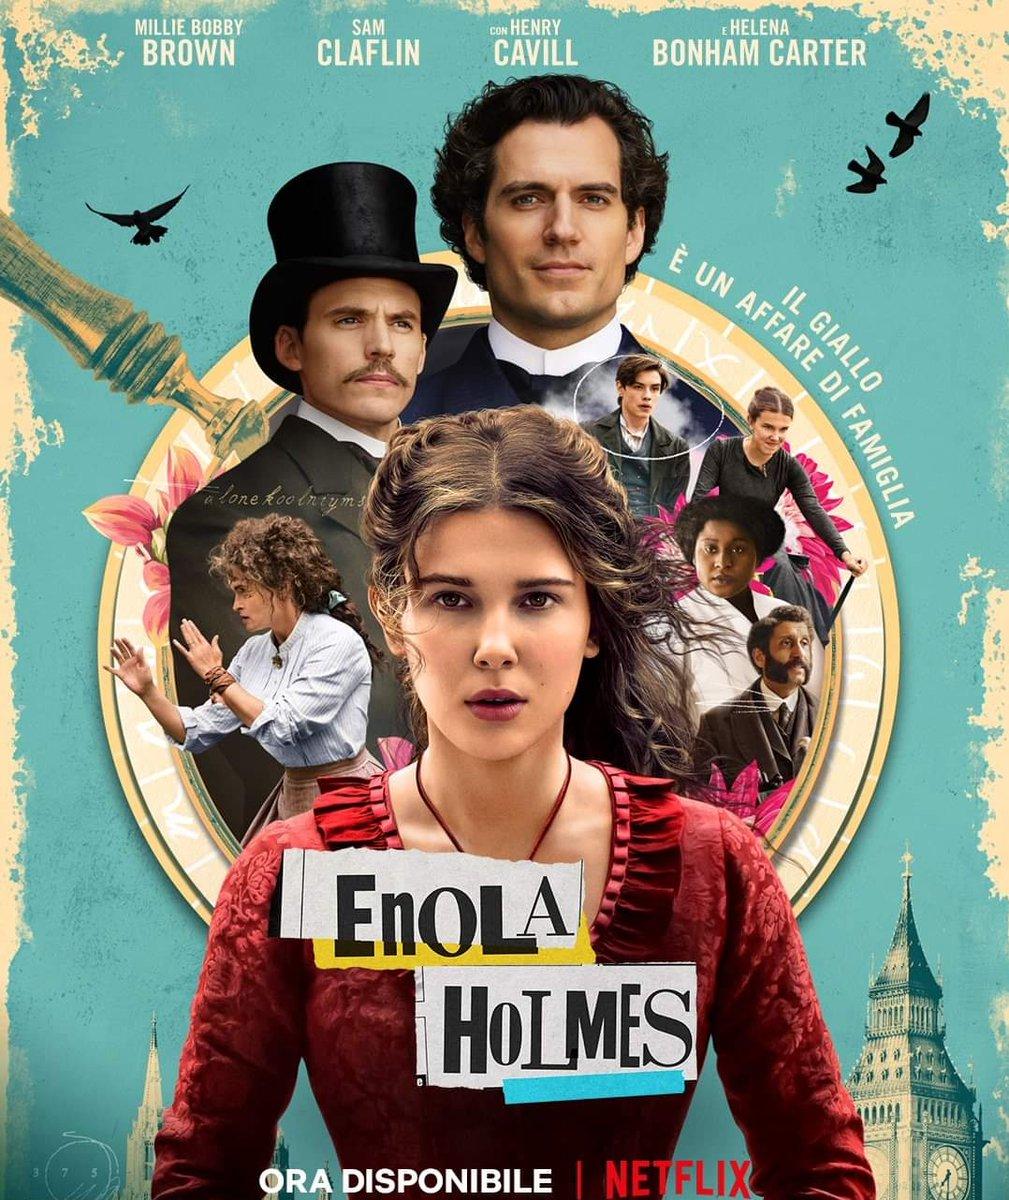 #EnolaHolmes